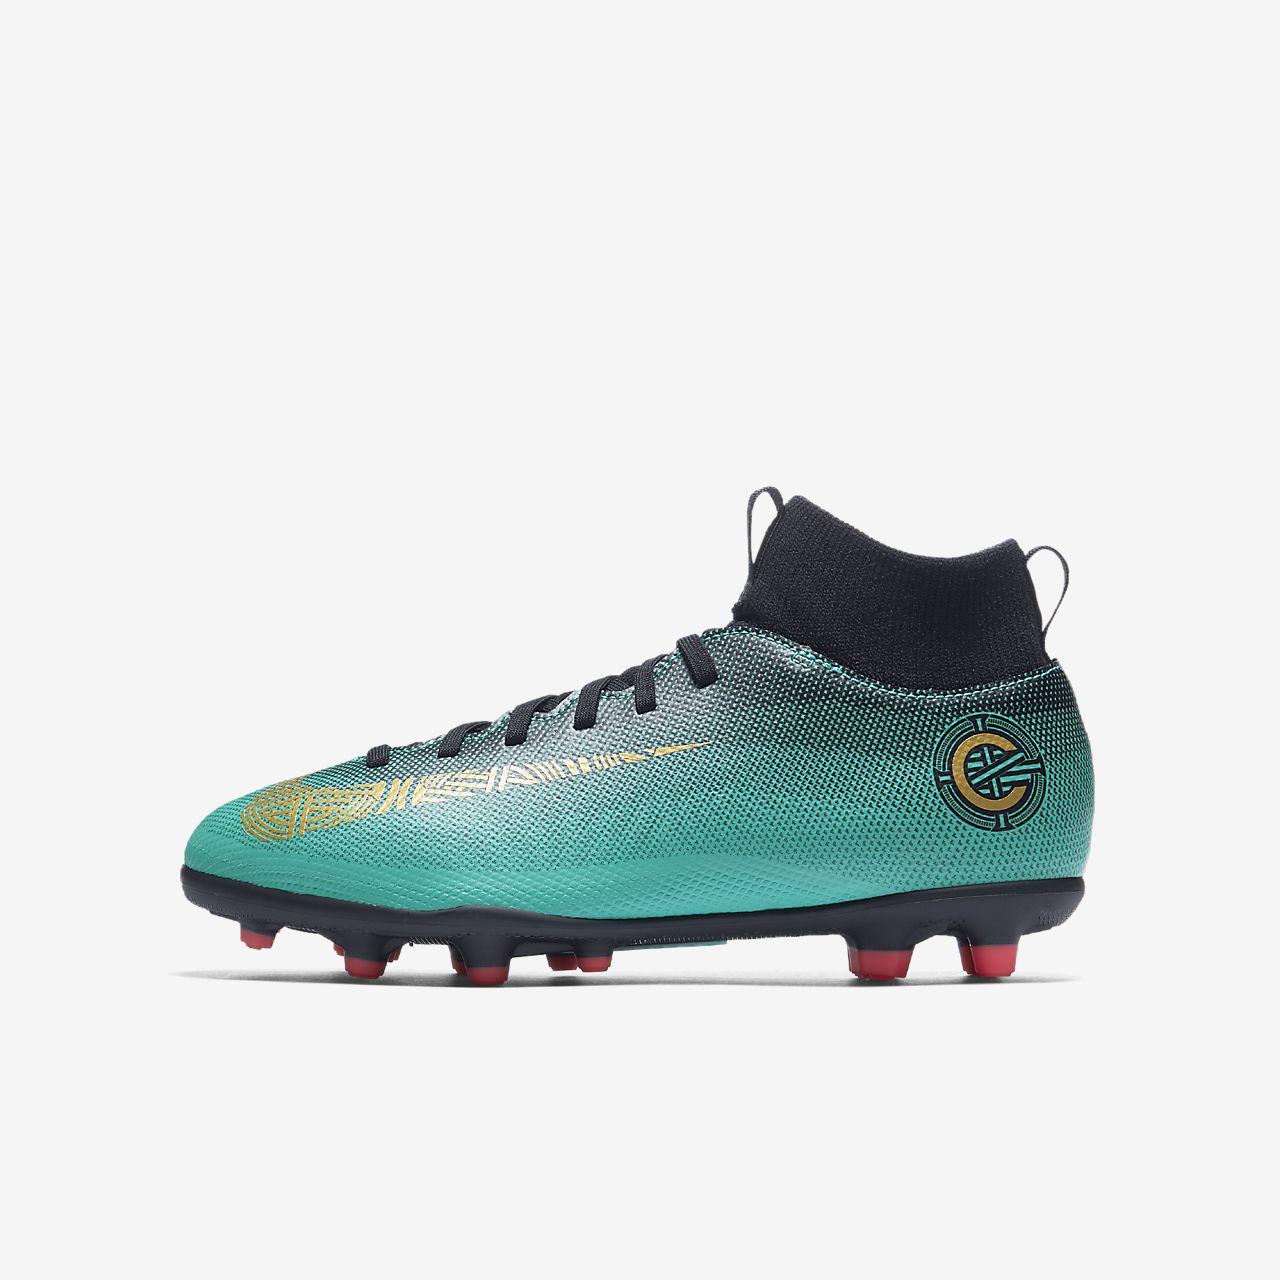 รองเท้าสตั๊ดฟุตบอลเด็กเล็ก/โตสำหรับพื้นหลายประเภท Nike Jr. Mercurial Superfly VI Club CR7